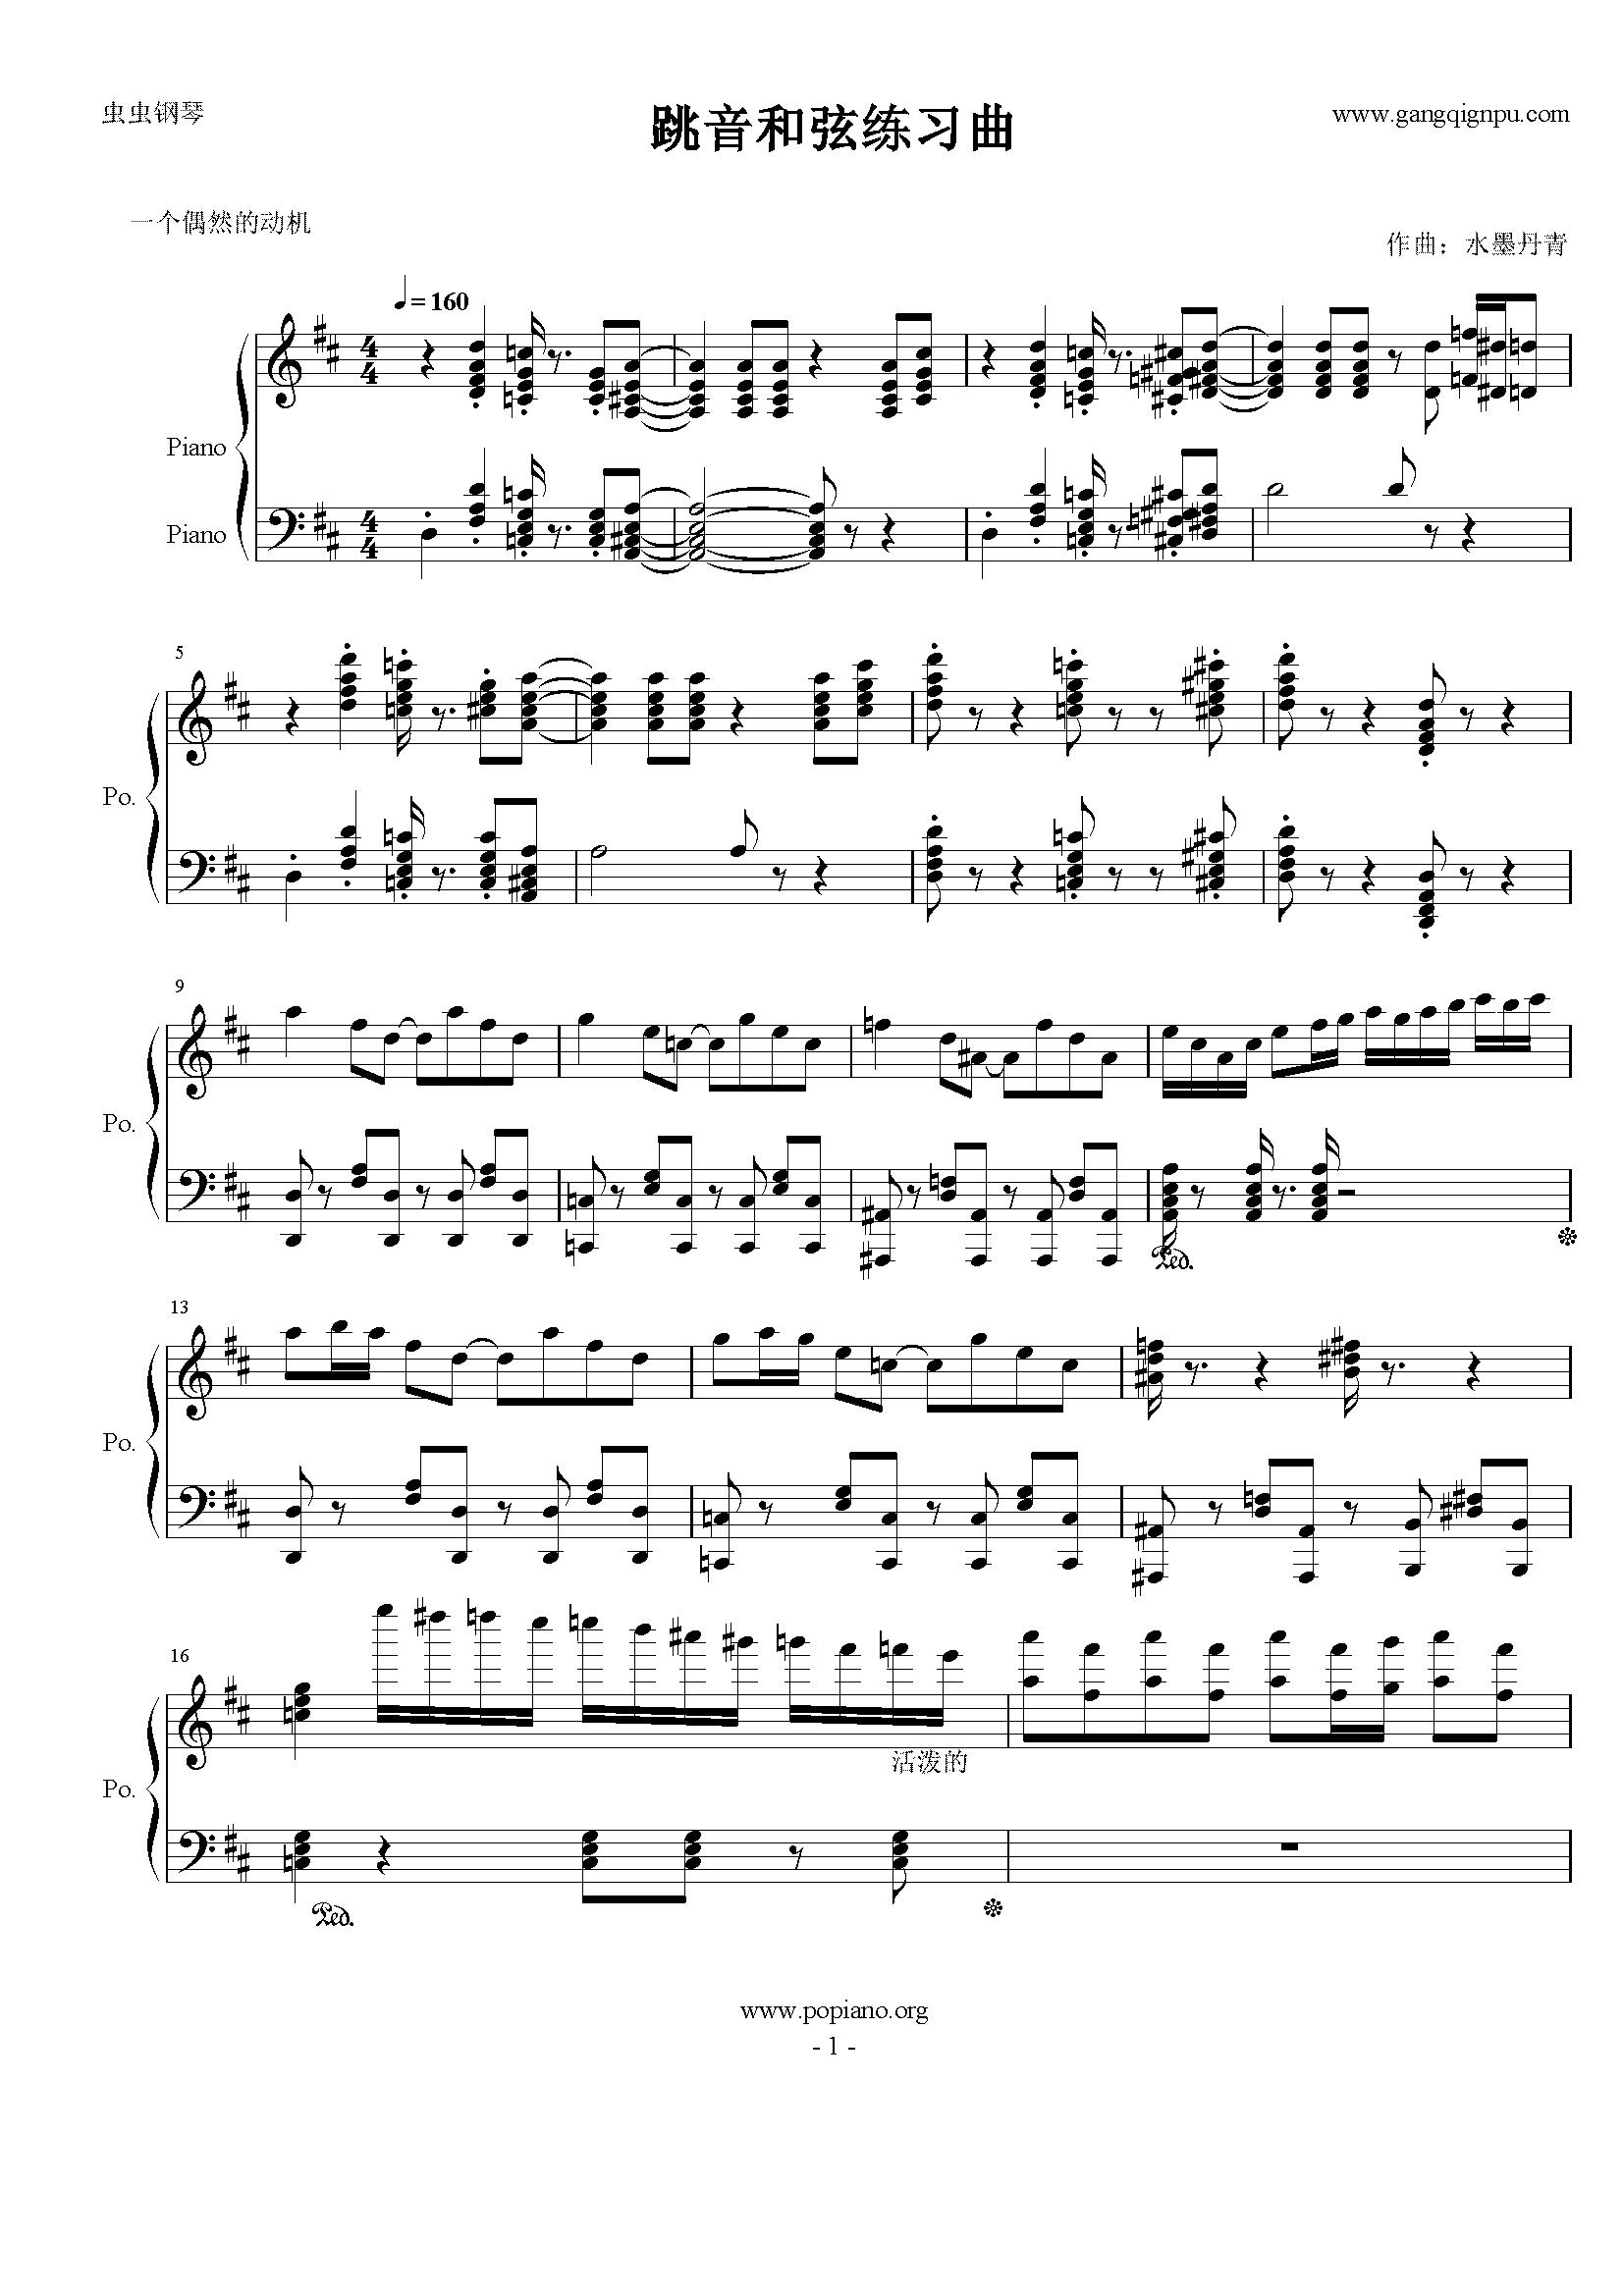 43拍节奏五线谱